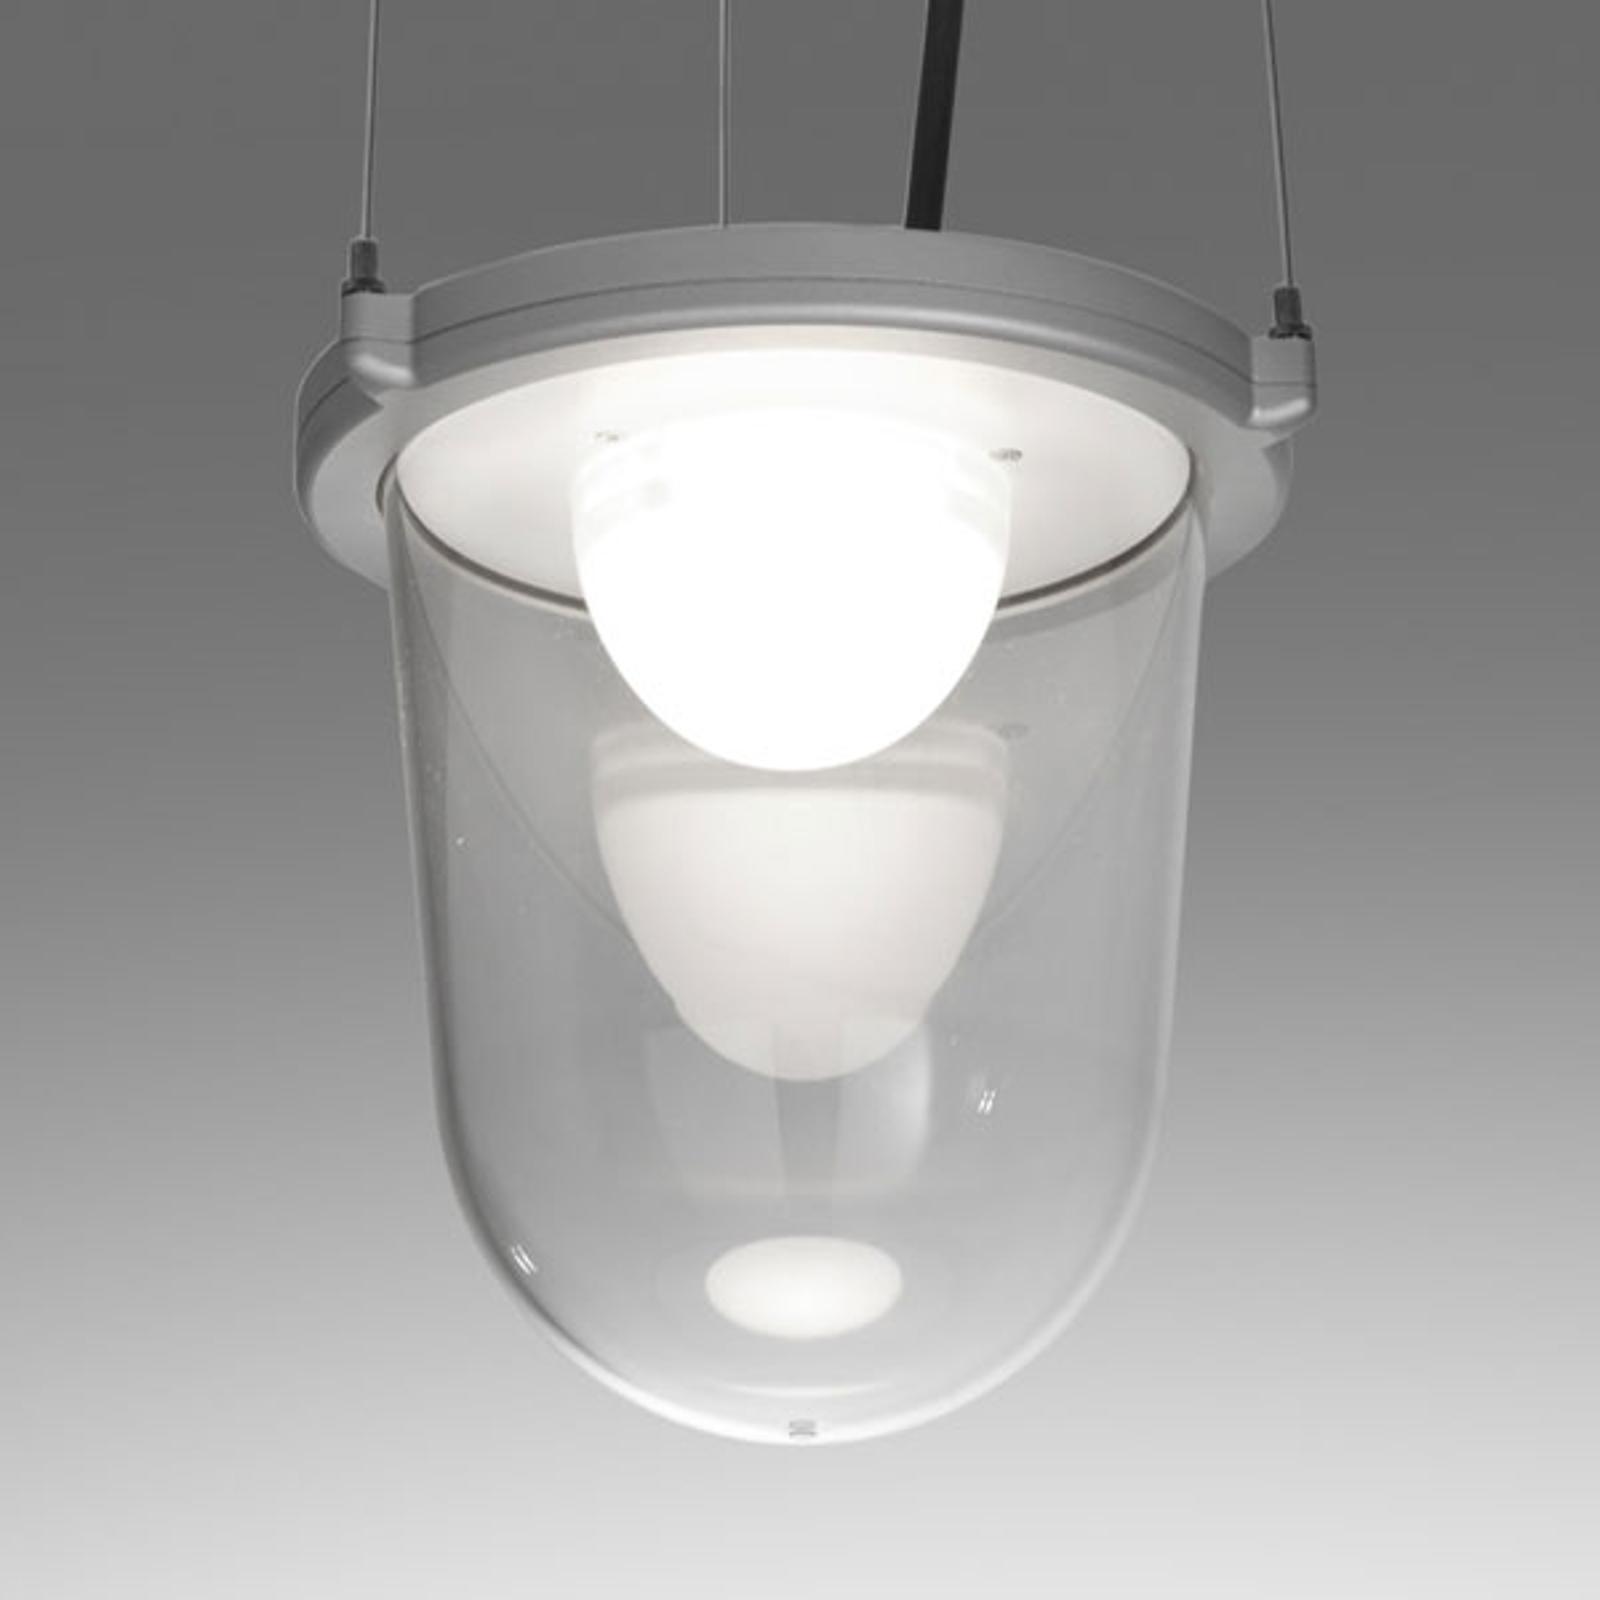 Artemide Tolomeo lantaarn buiten hanglamp IP65